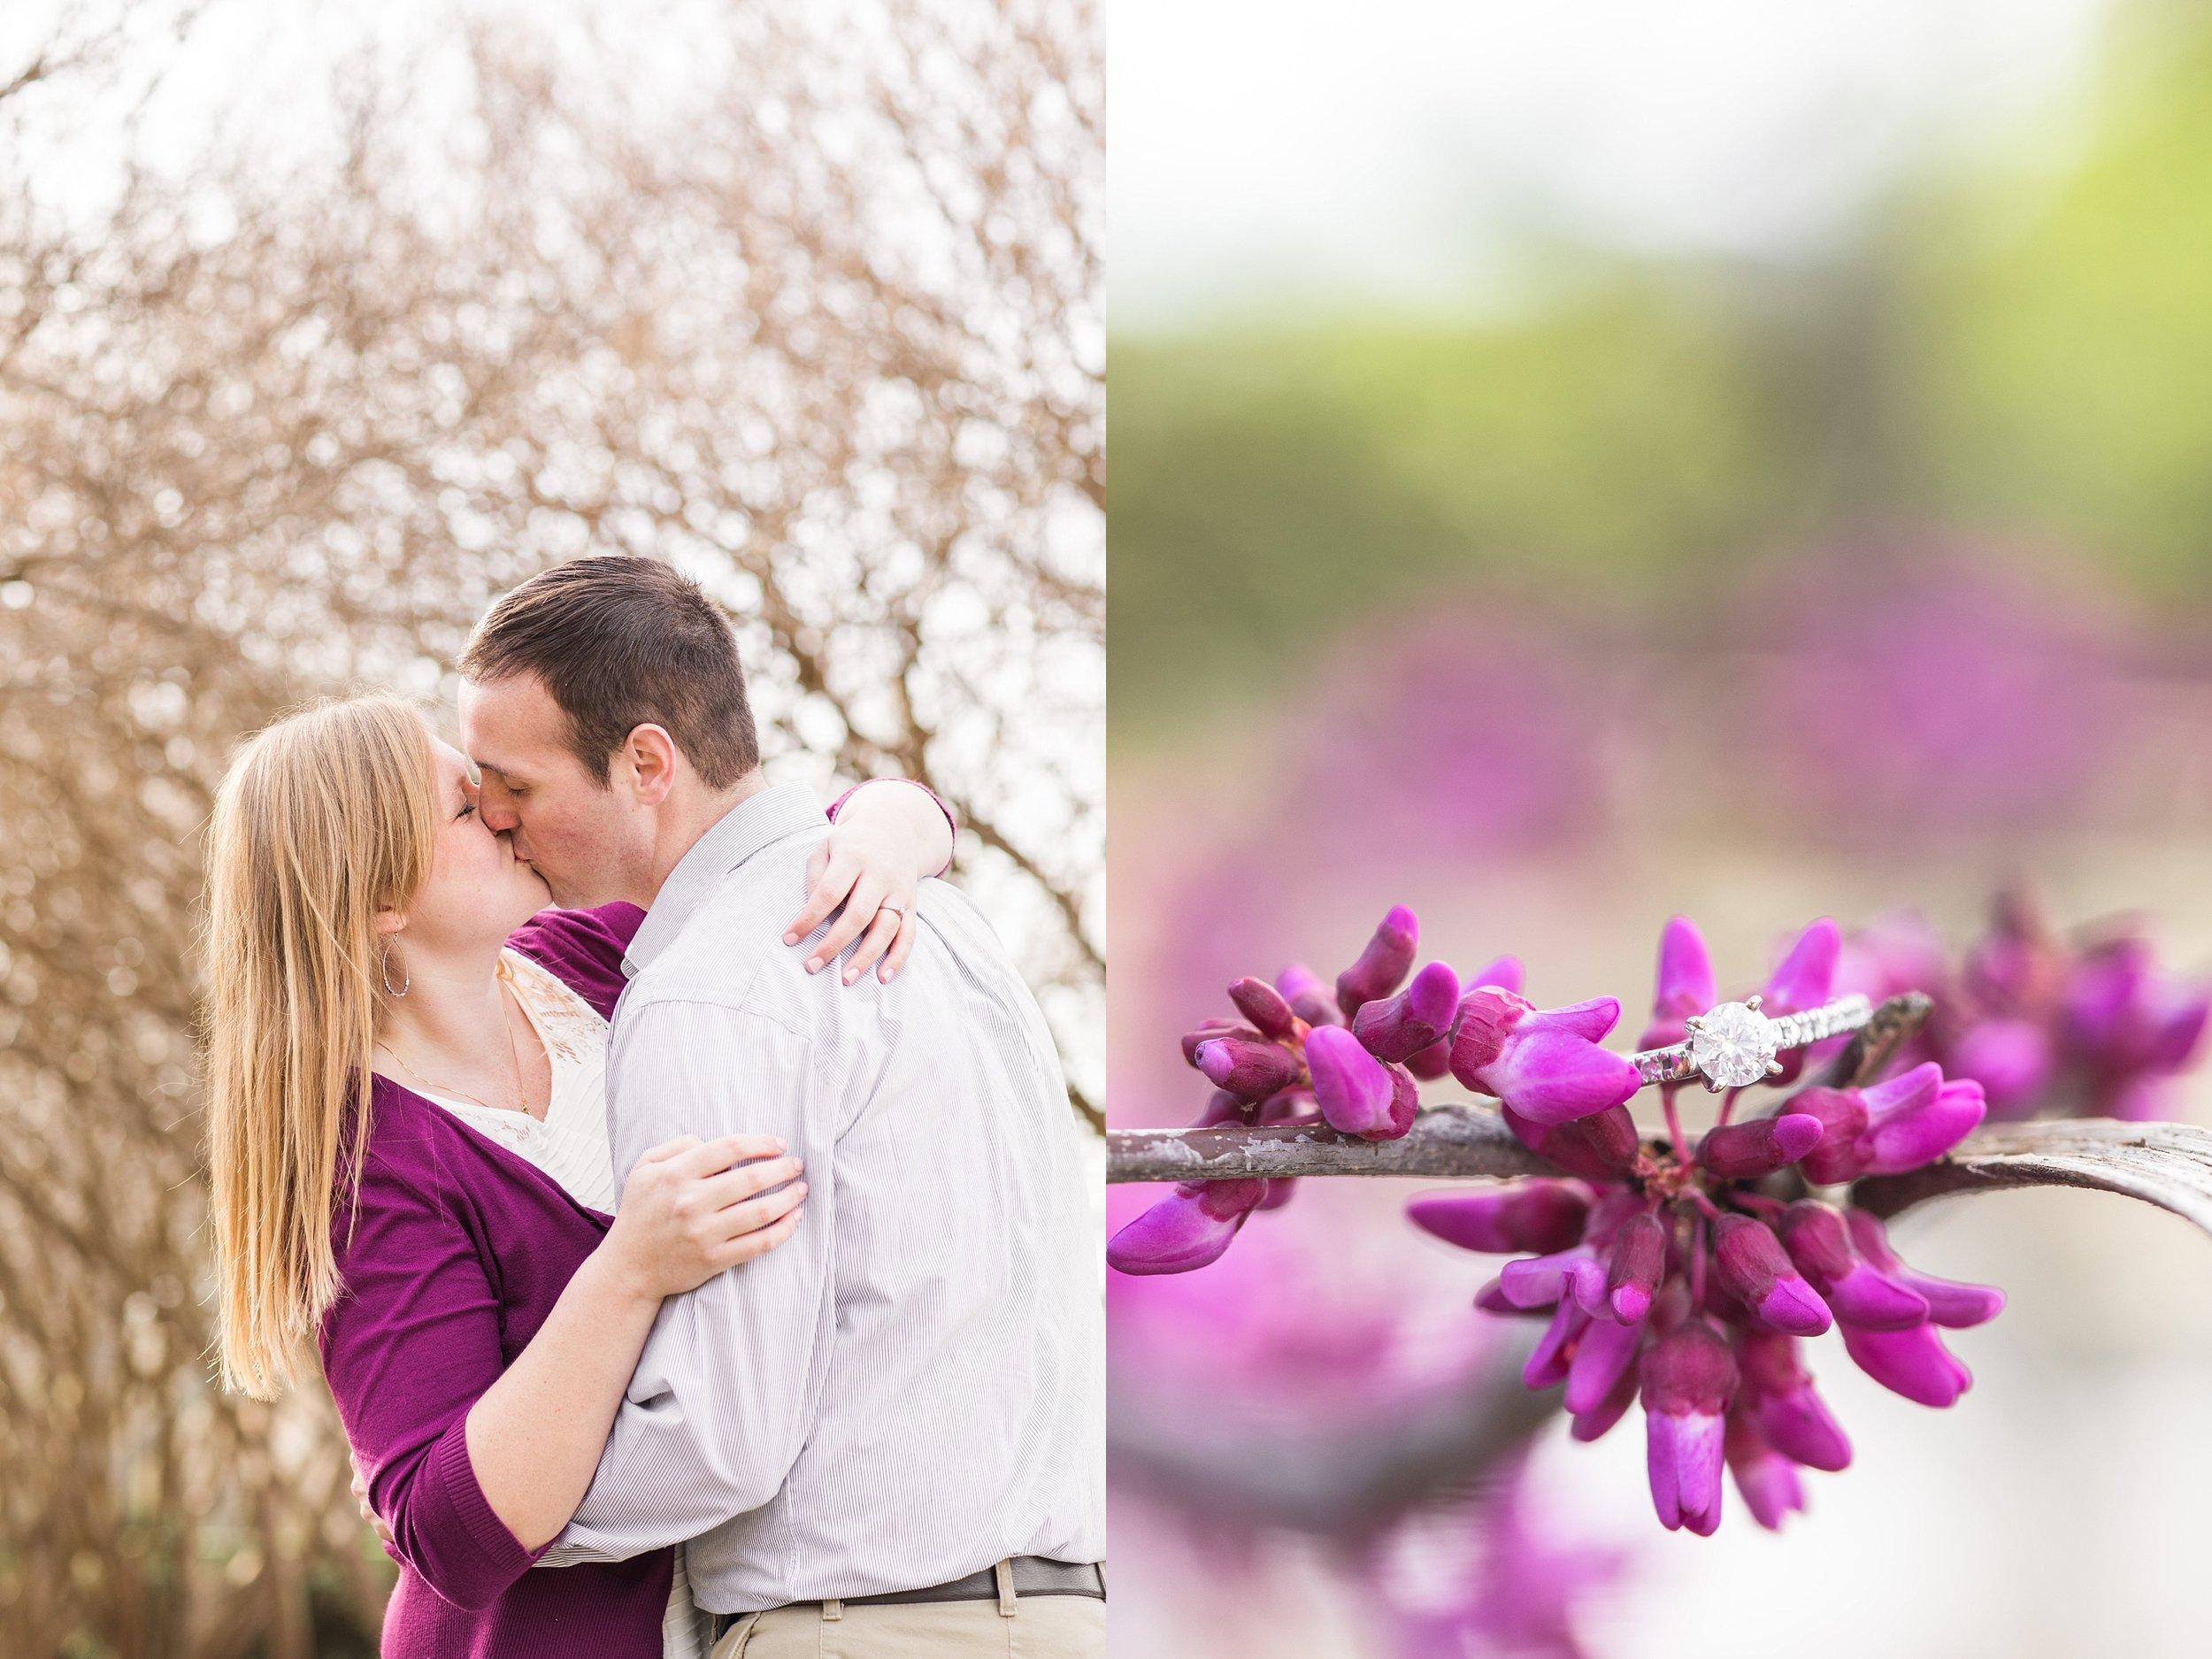 Spring-Engagement-Session-Dallas-OKC-WeddingPhotographer-JessicaMcBroom